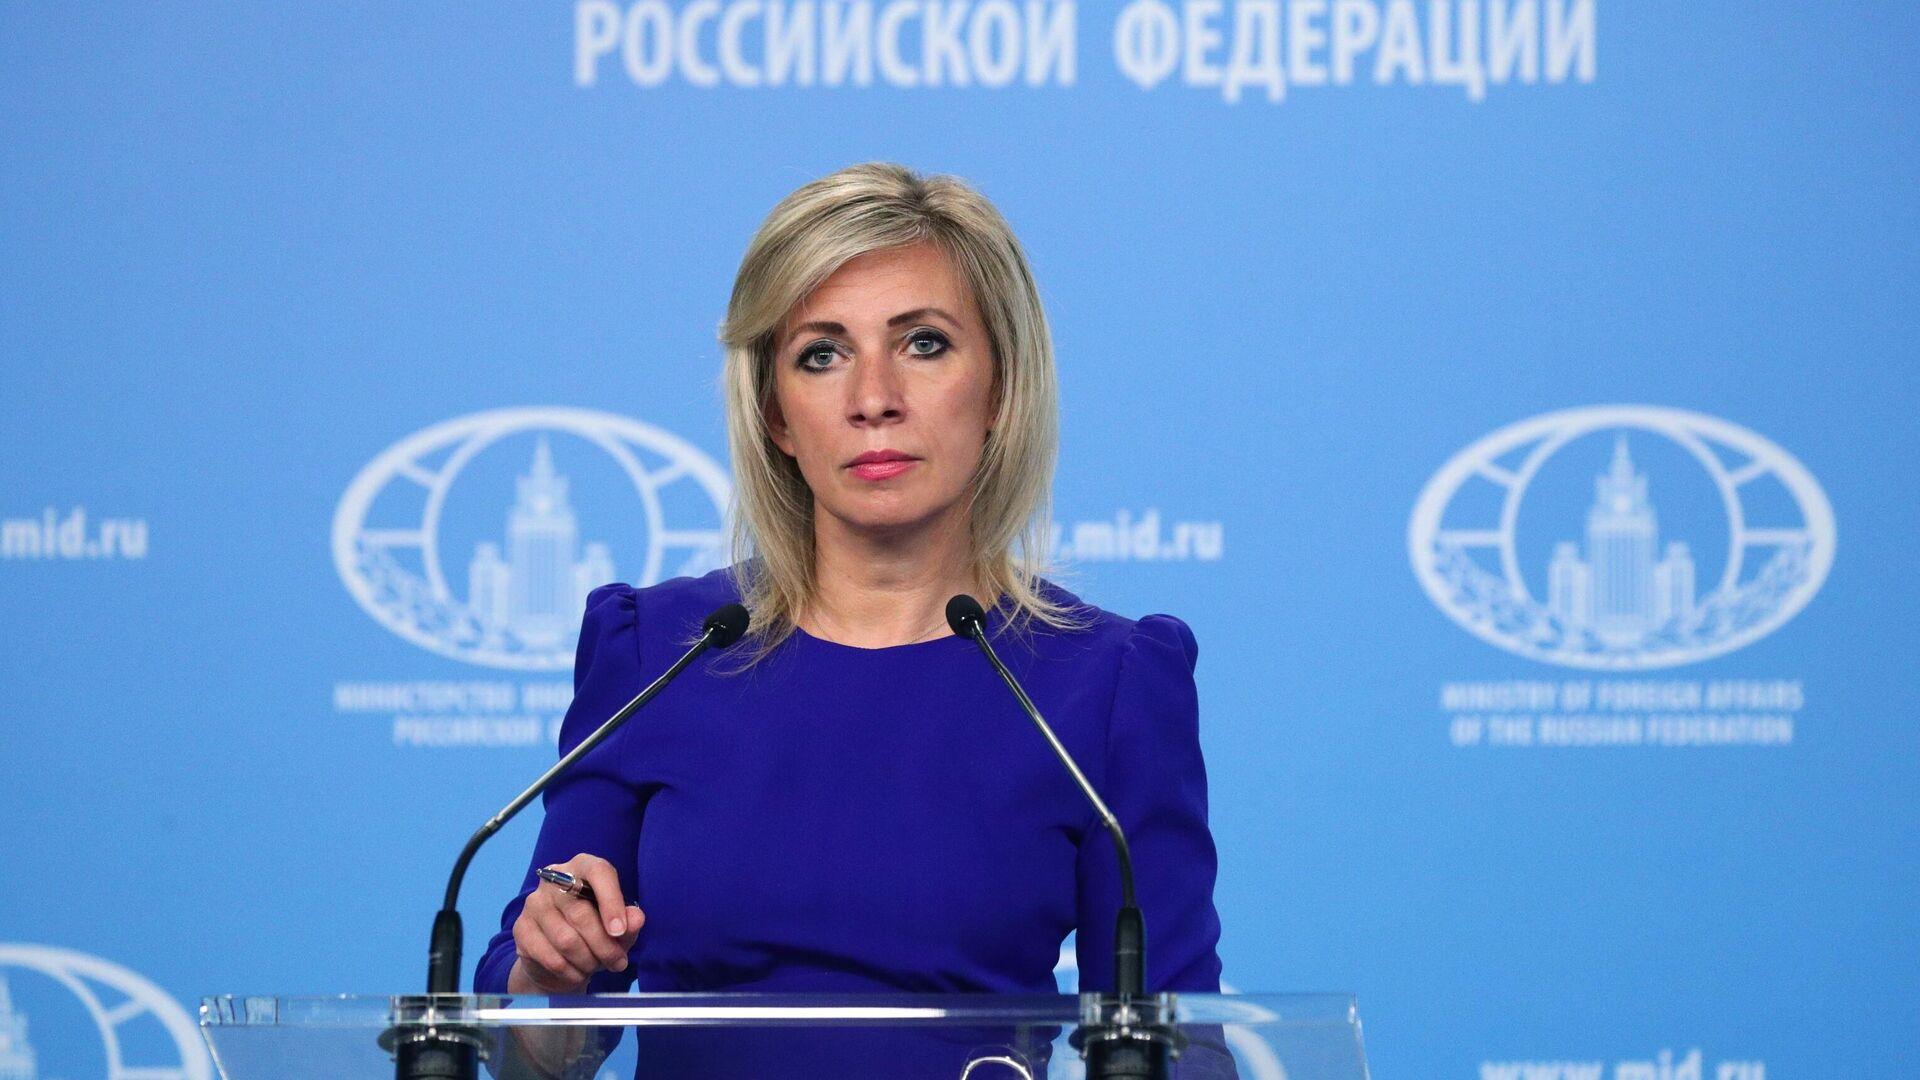 Официальный представитель Министерства иностранных дел России Мария Захарова во время брифинга в Москве - РИА Новости, 1920, 17.07.2021